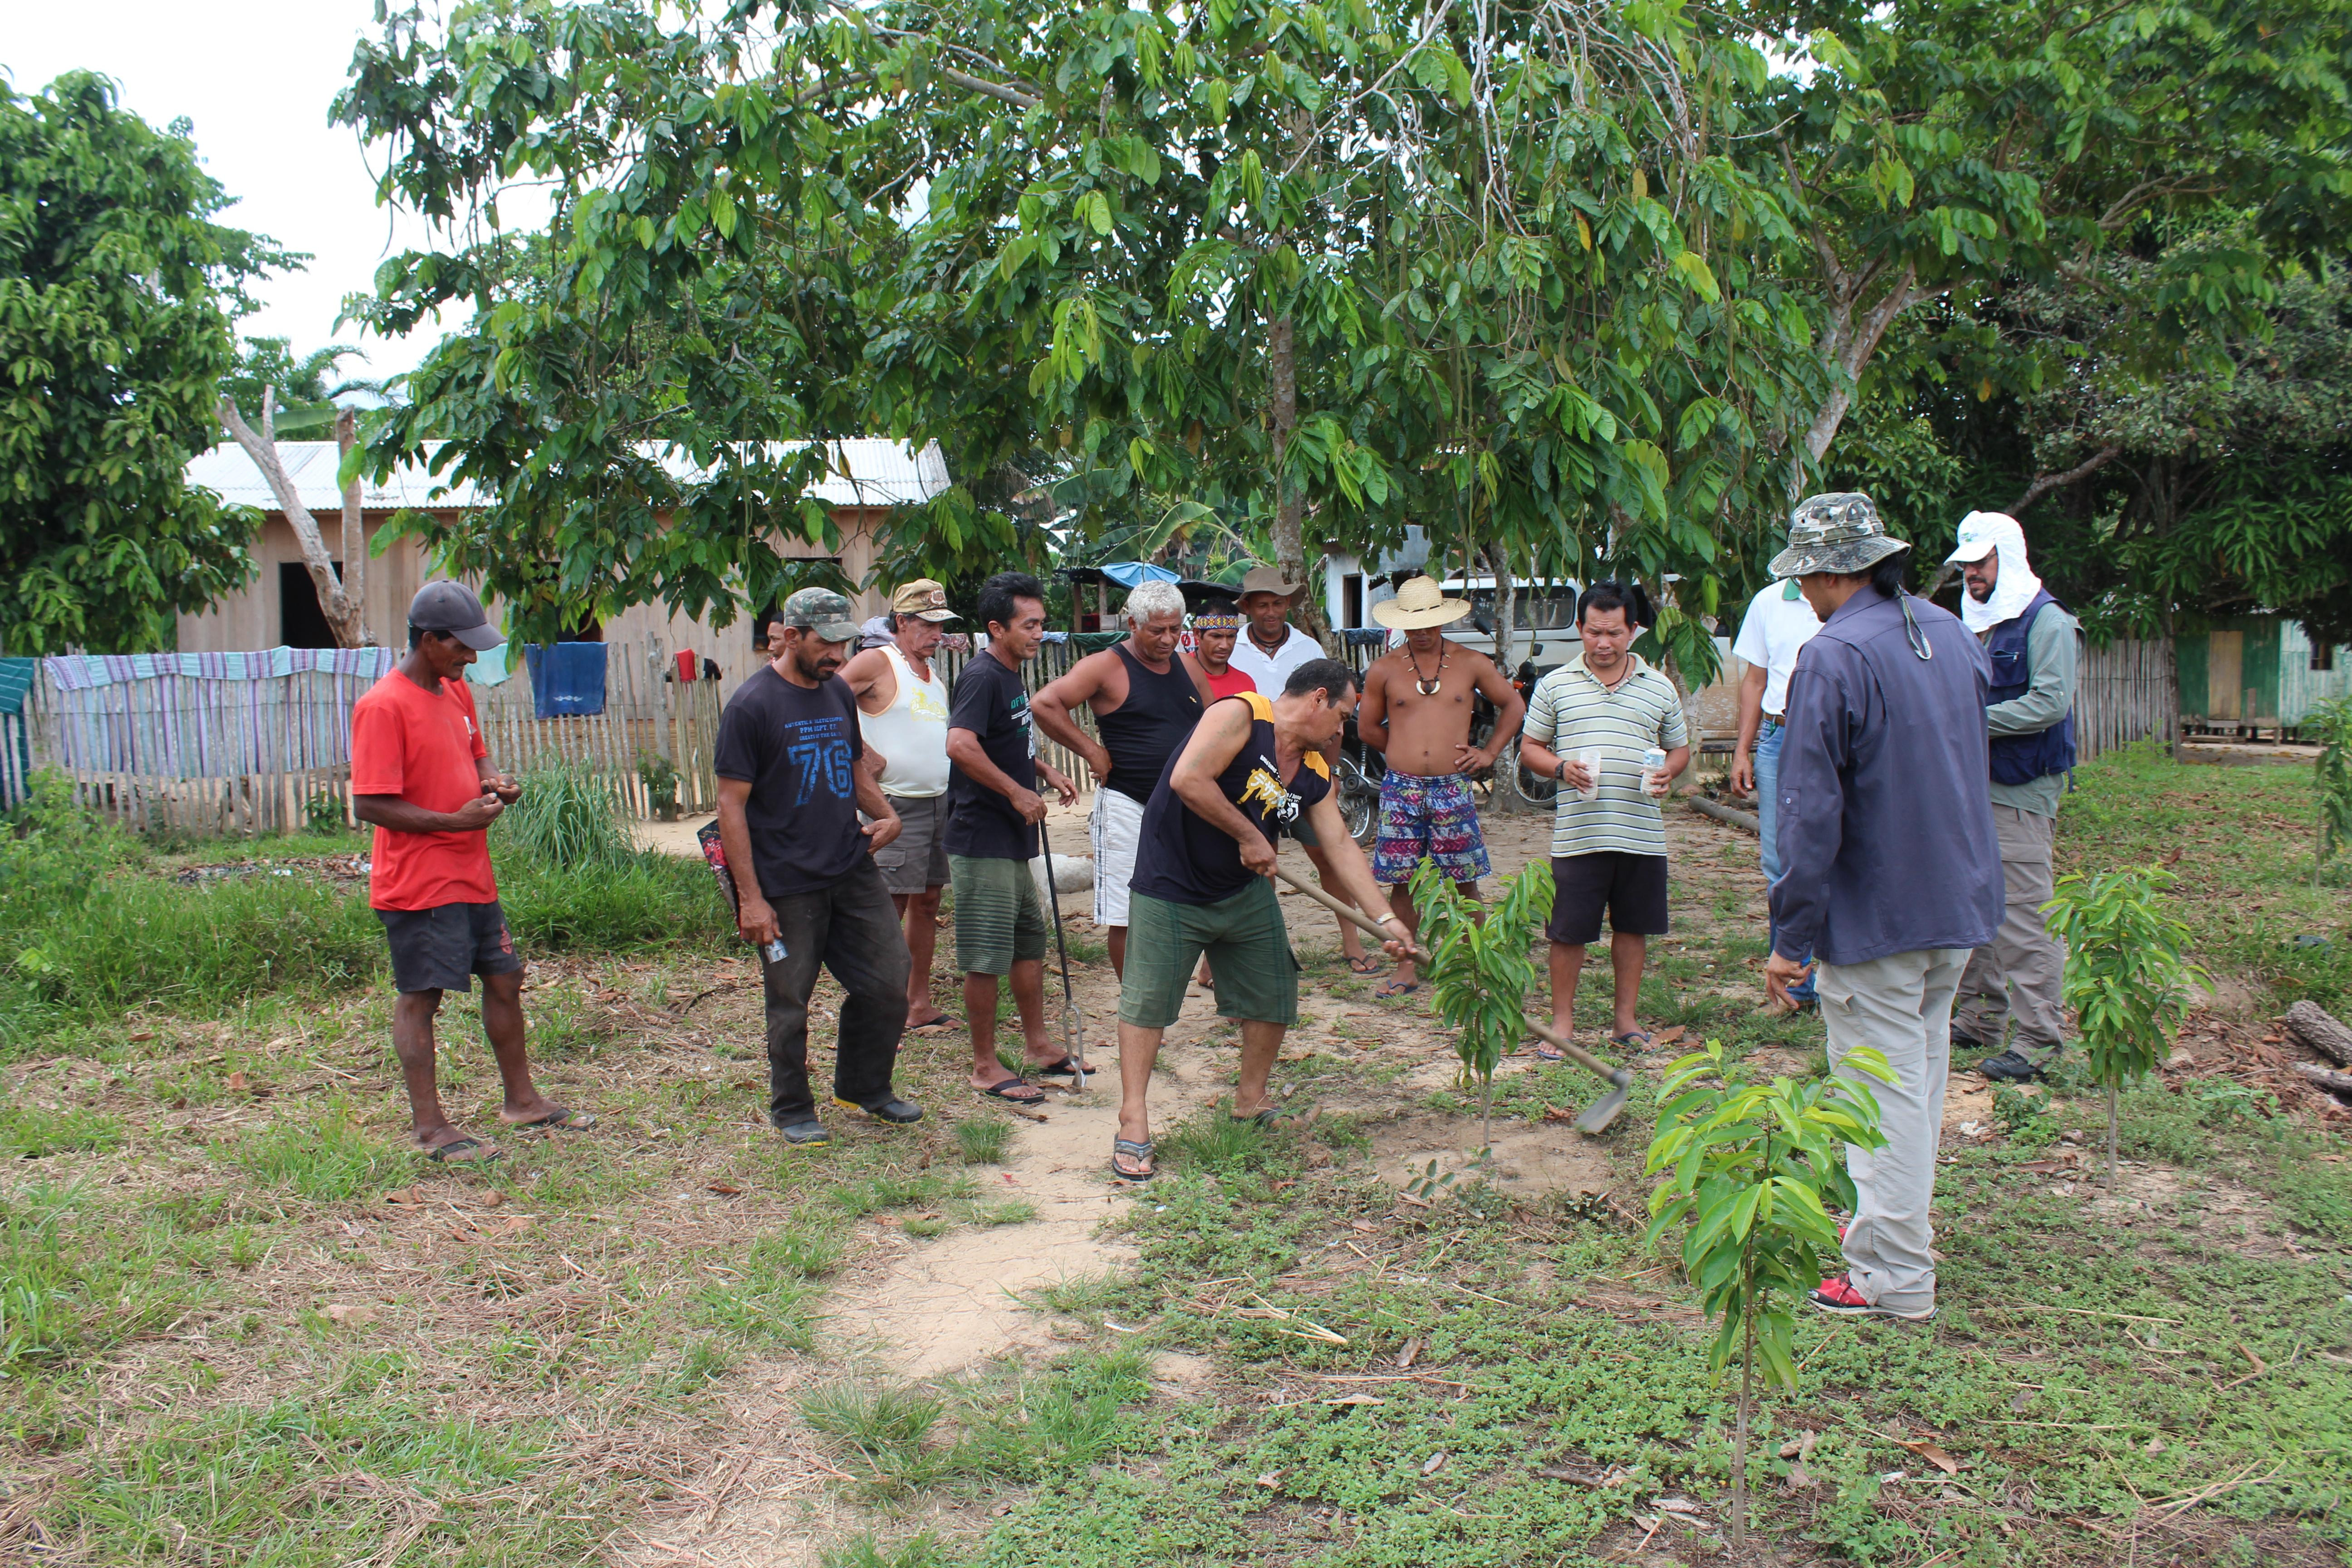 Moacir Haverroth - Moradores da Terra Indígena Poyanawa e pesquisadores do projeto em atividade de campo